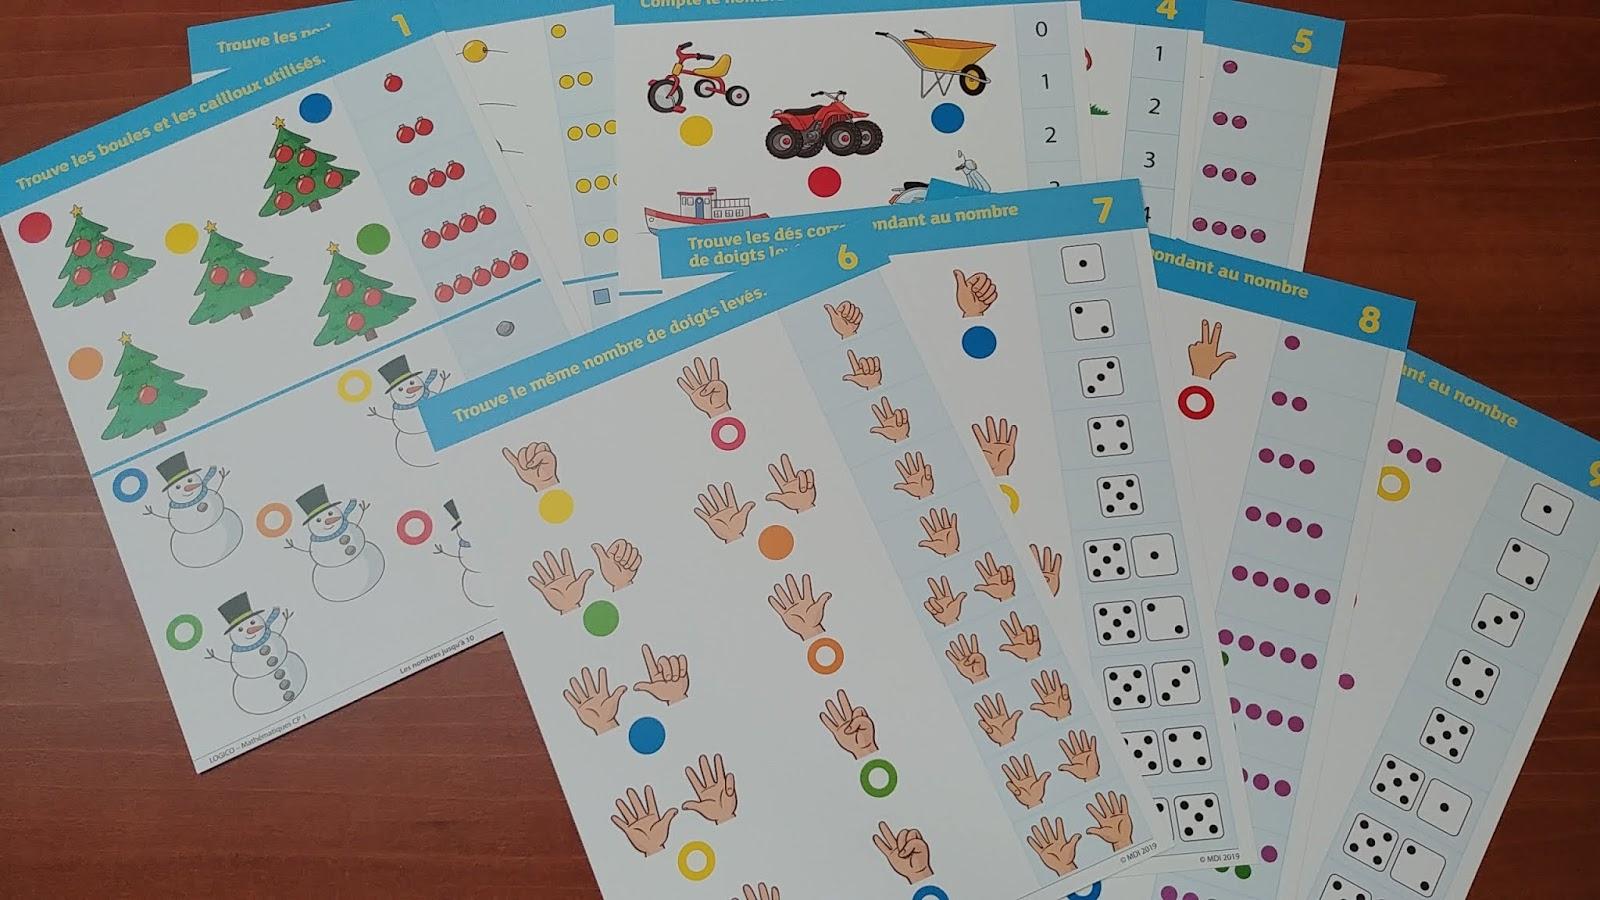 Jeux Maths - Le Petit Cartable De Sanleane concernant Jeux Grande Section Maternelle Gratuit En Ligne